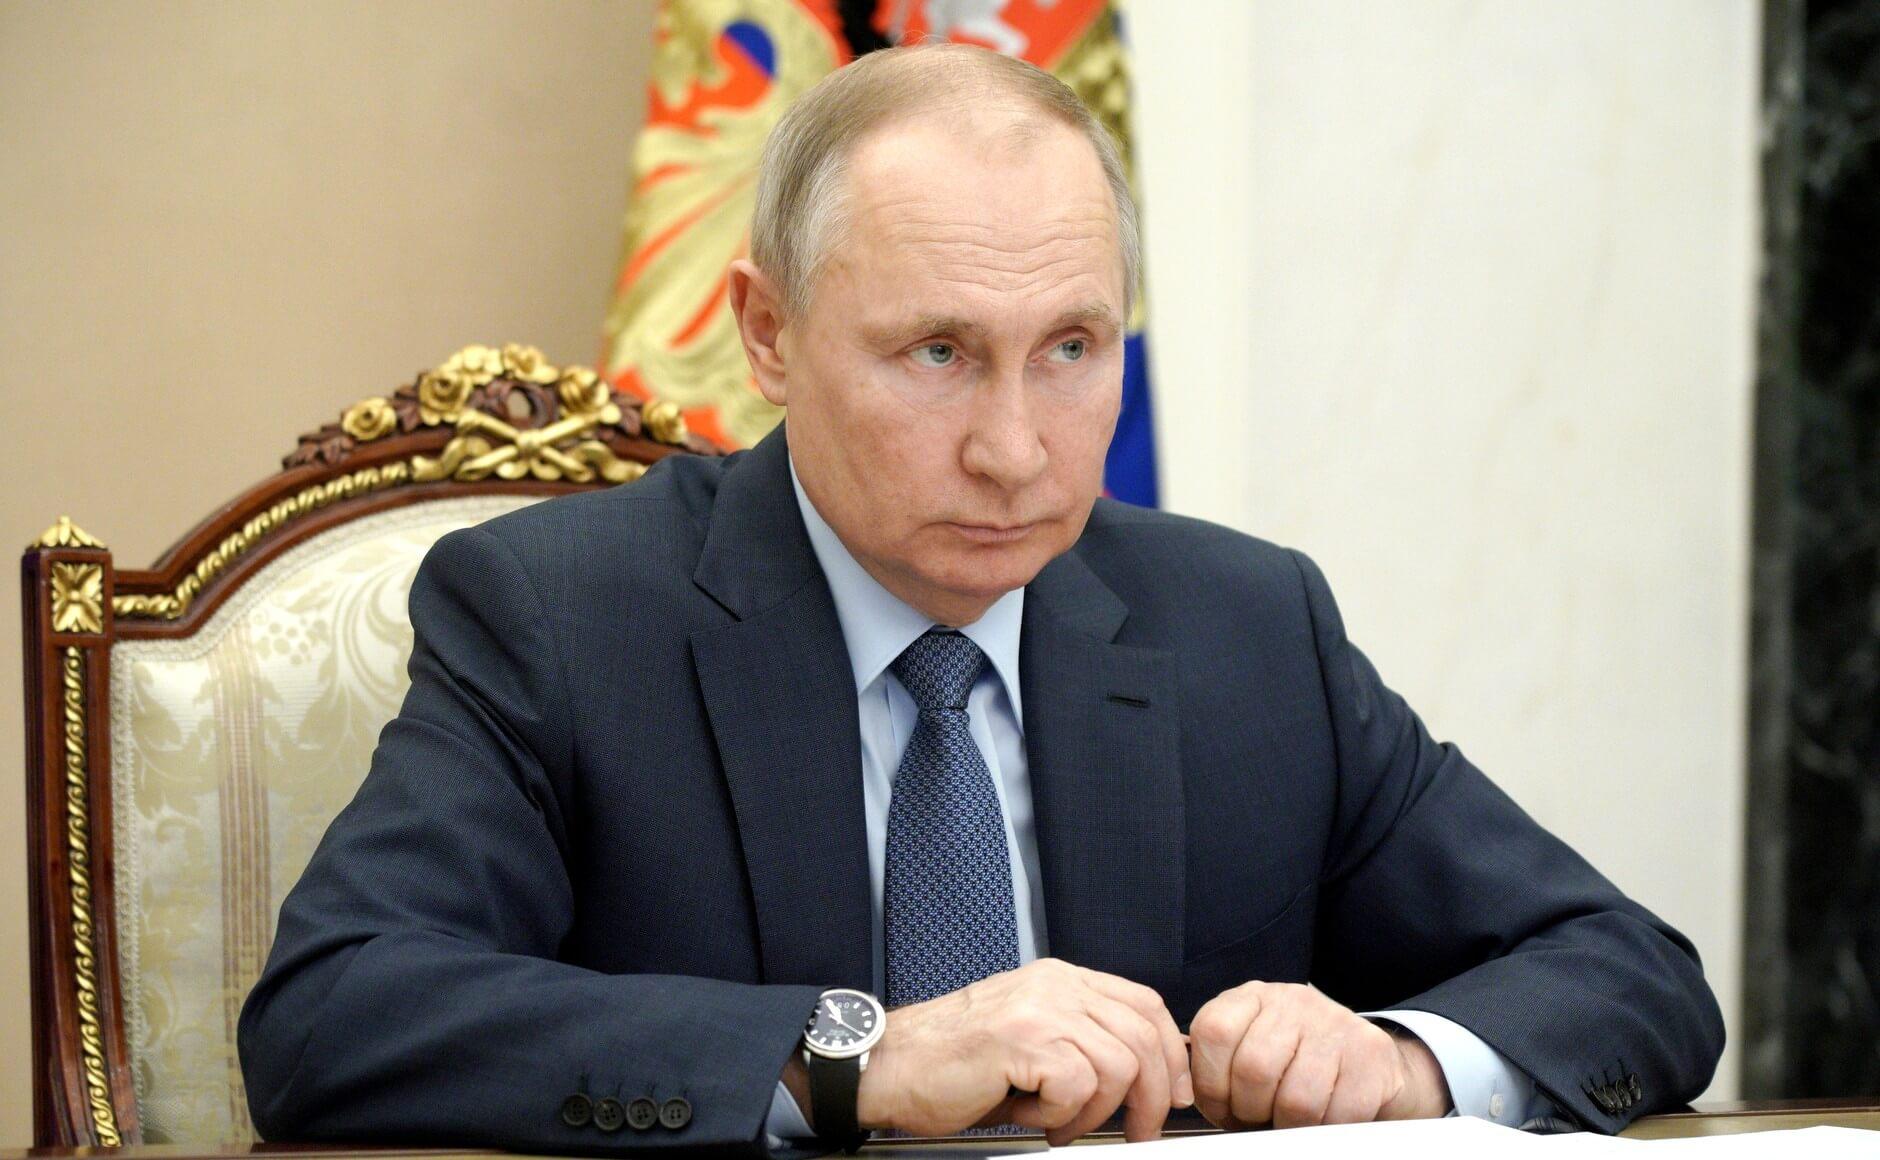 Путин о Крыме: Вынуждены были предпринять необходимые действия